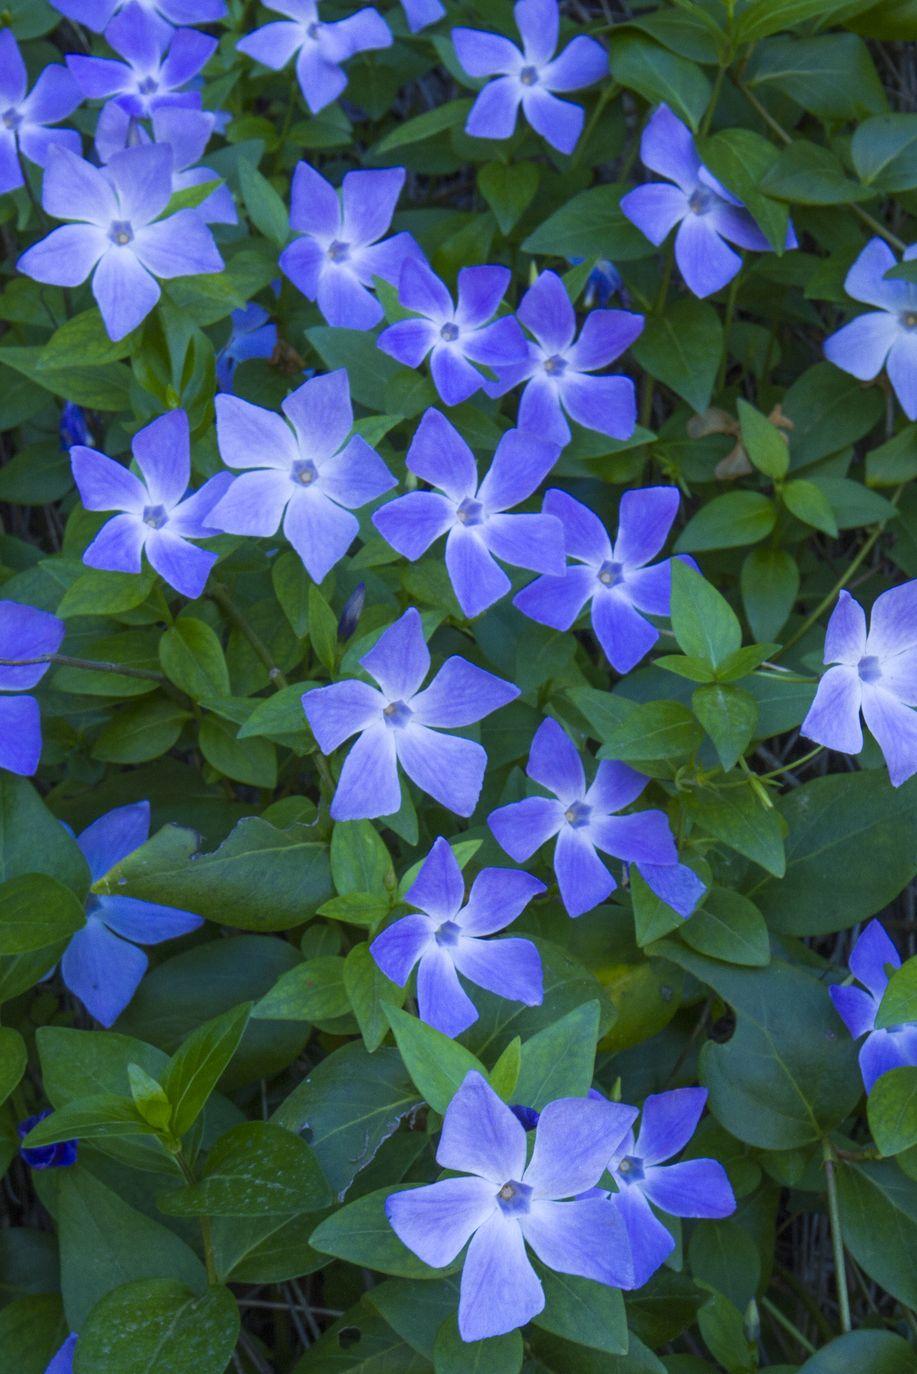 Greater periwinkle (Vinca major)shade perennials backyard garden